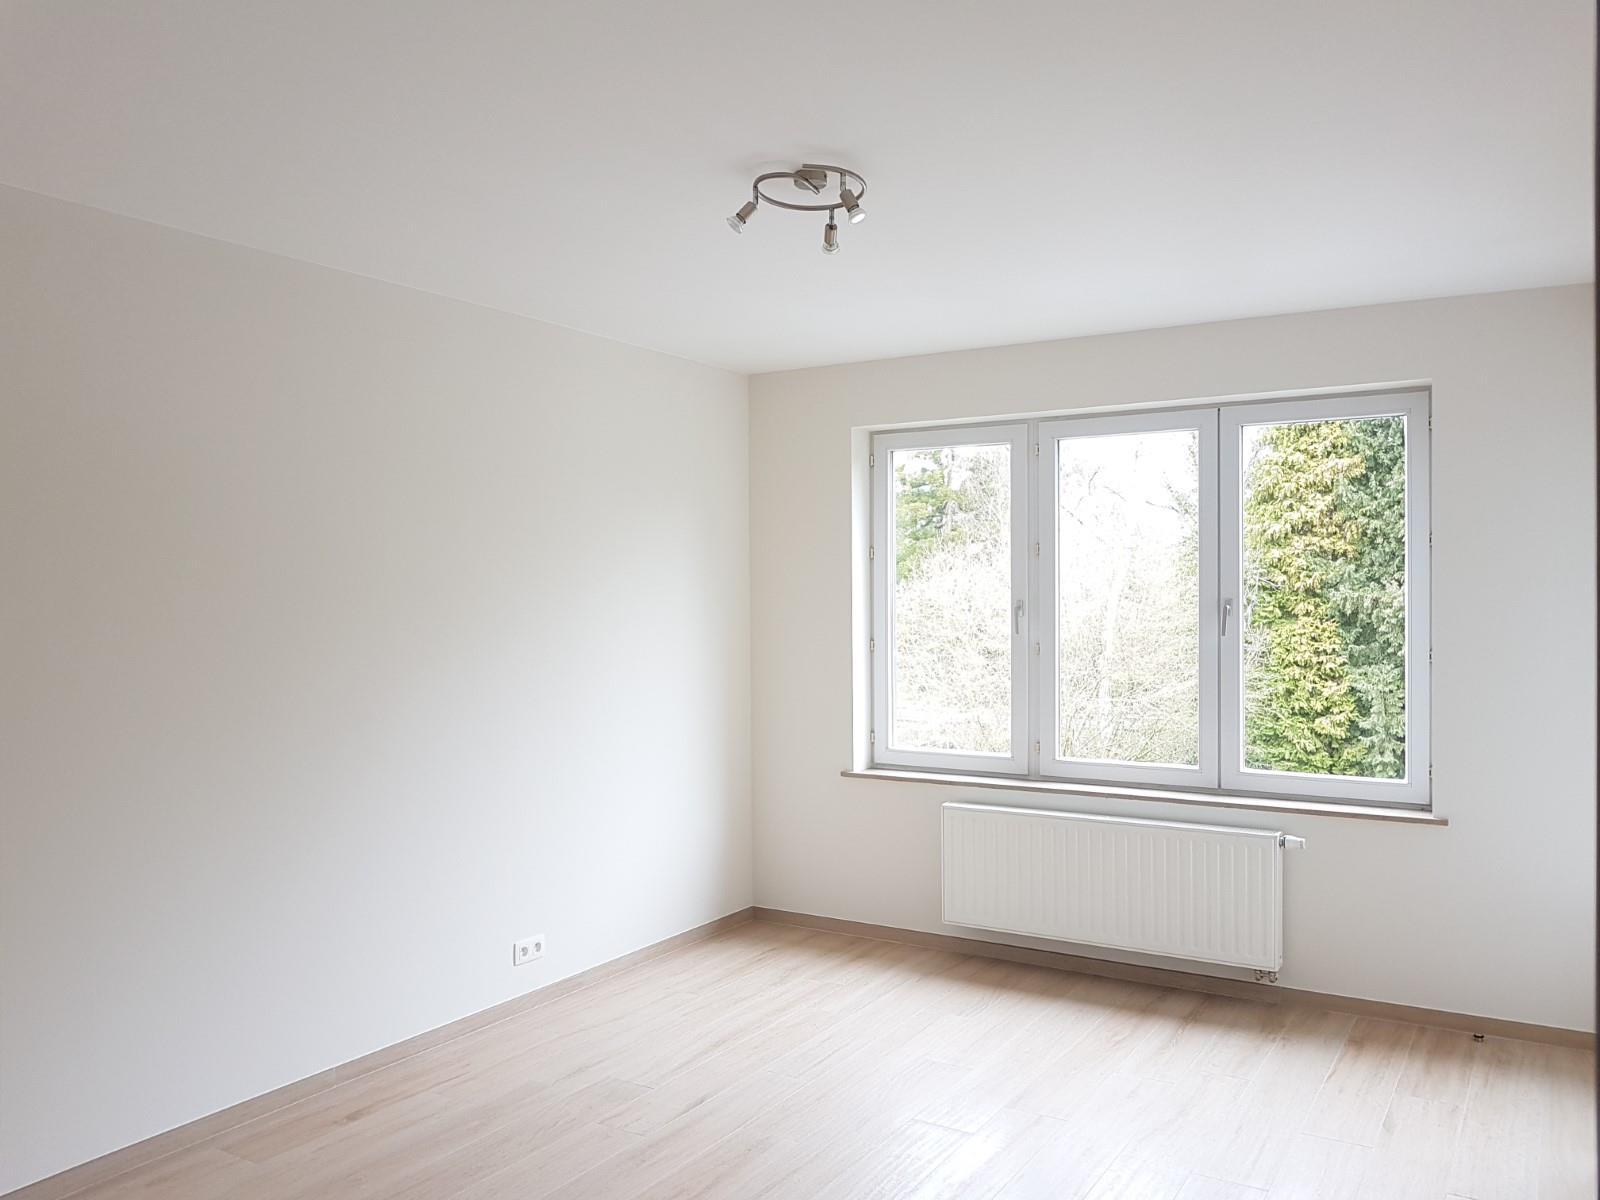 Appartement - Rhode-Saint-Genèse - #4185053-16